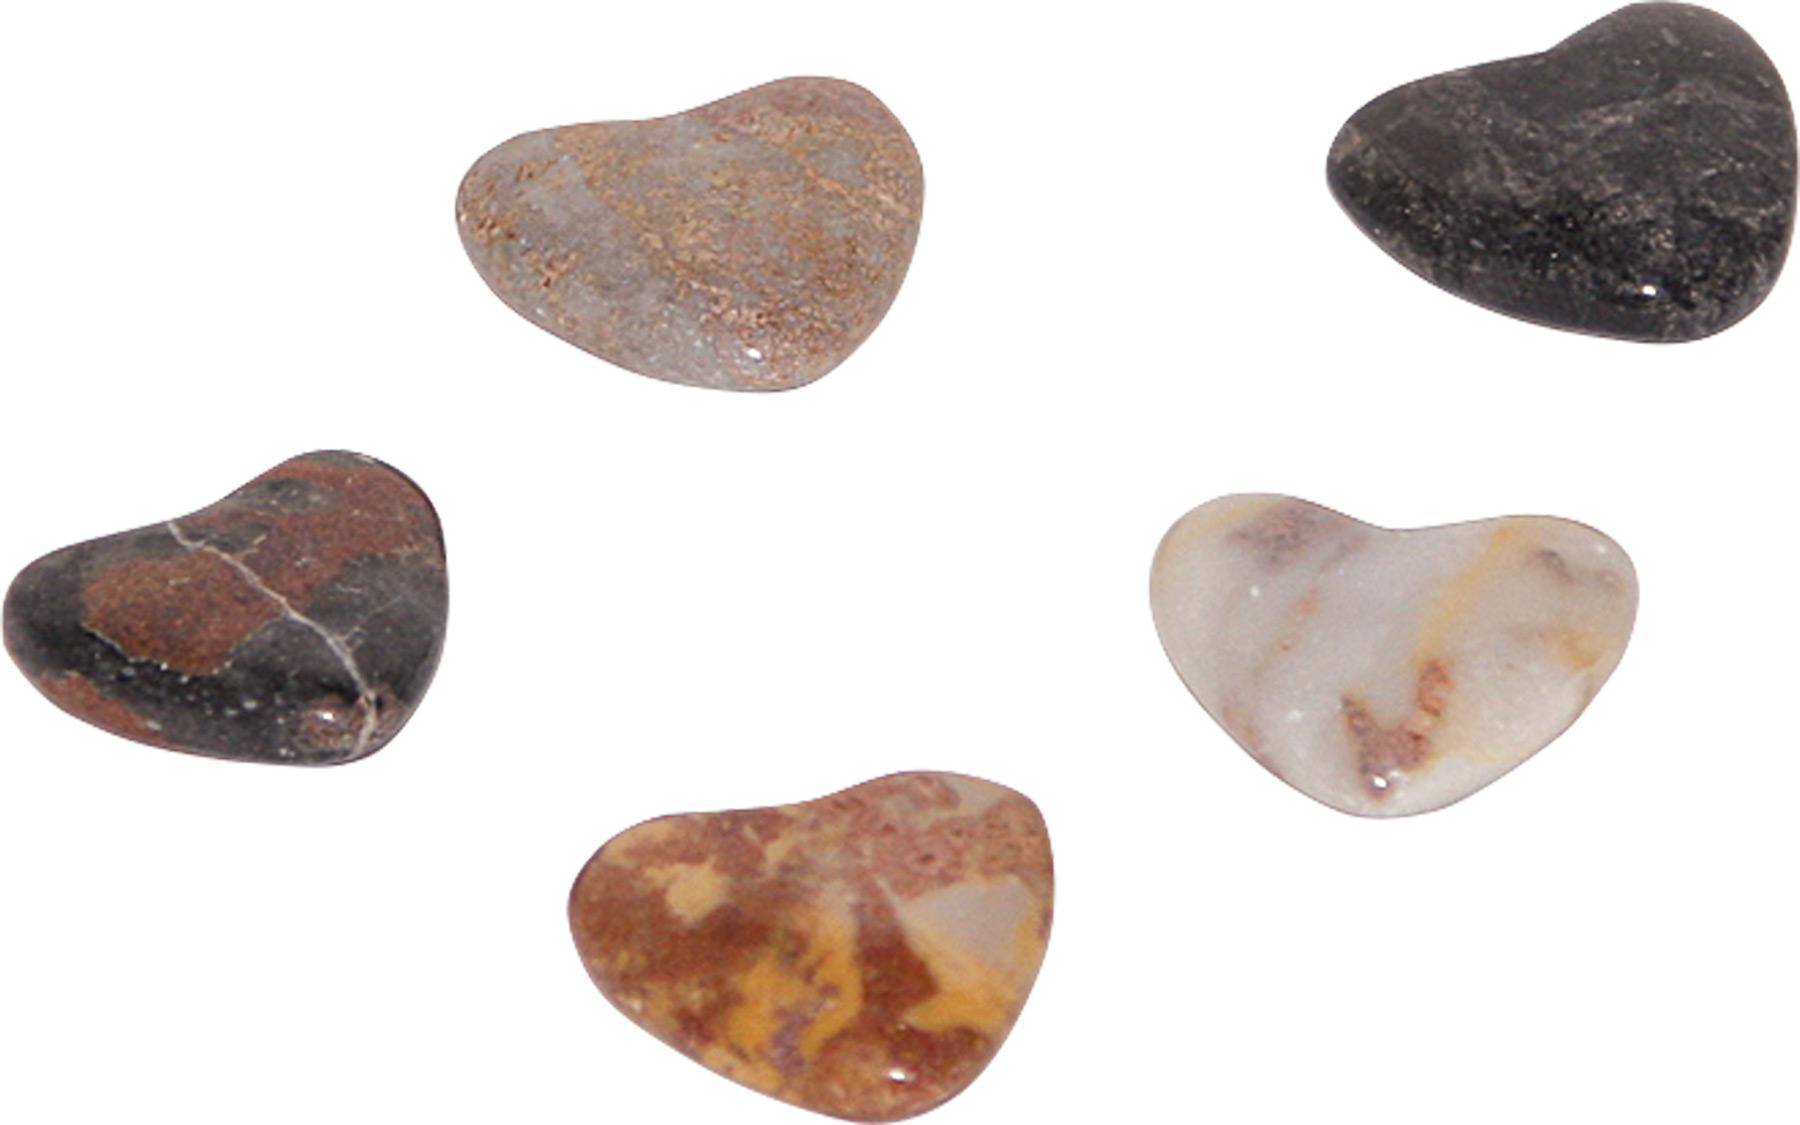 Small Foot Přírodní leštěné kameny ve tvaru srdce 5 ks